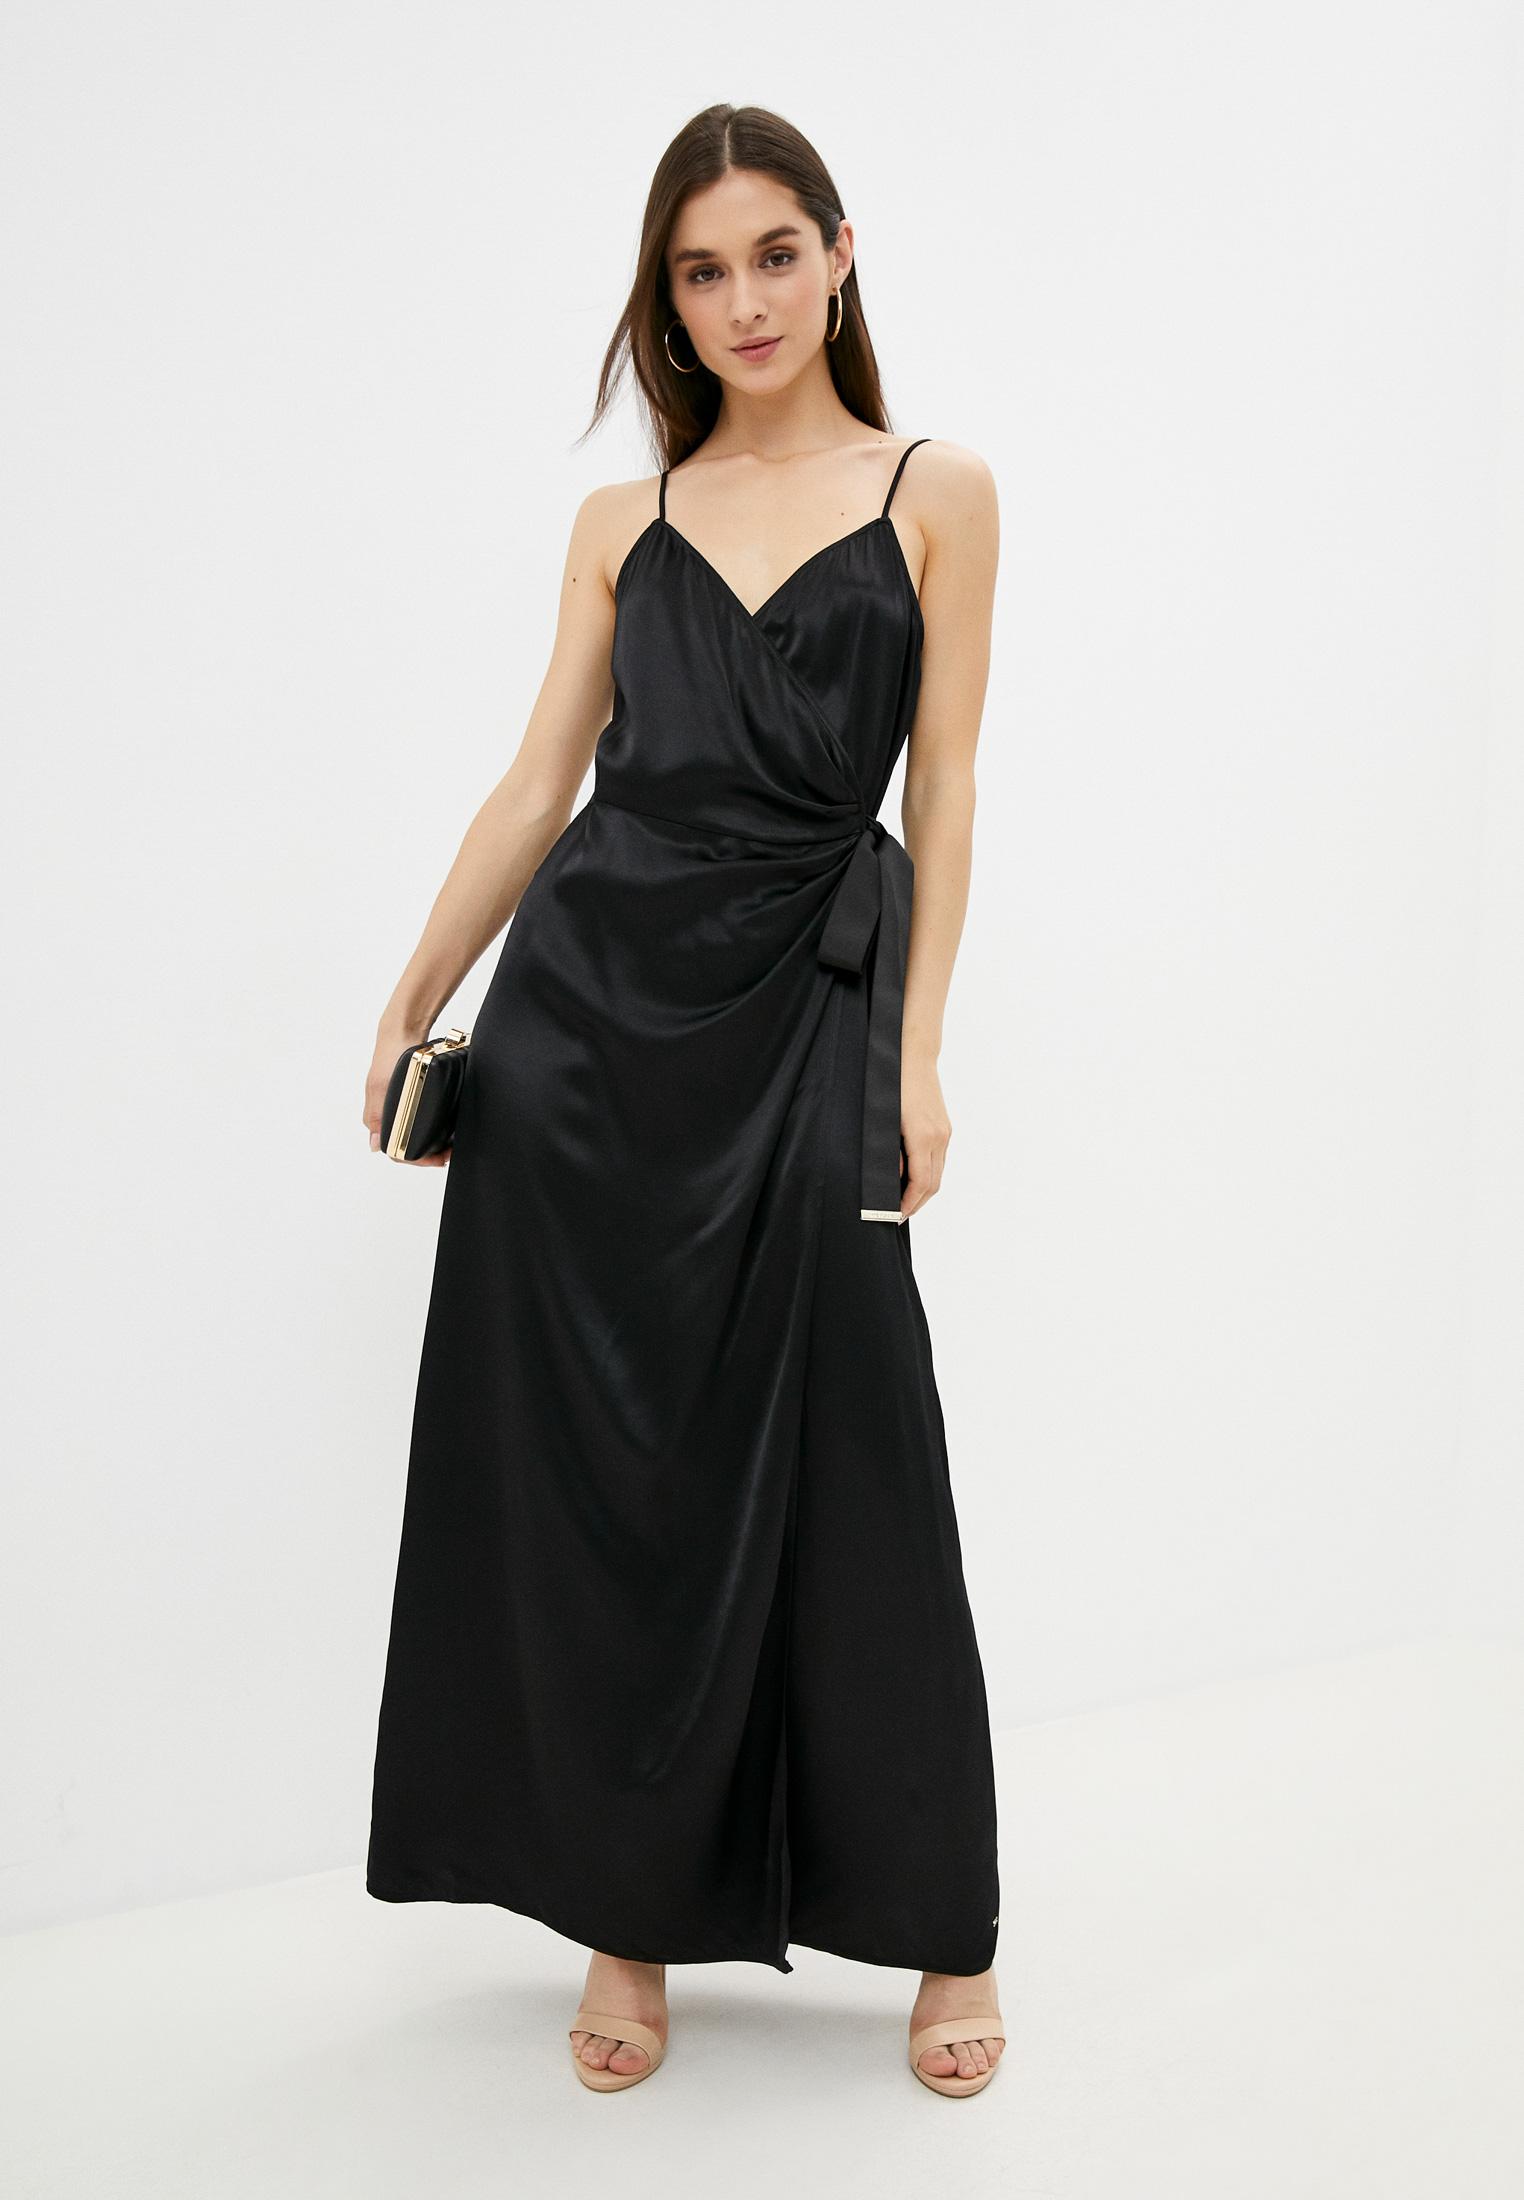 Вечернее / коктейльное платье Tommy Hilfiger (Томми Хилфигер) Платье Tommy Hilfiger